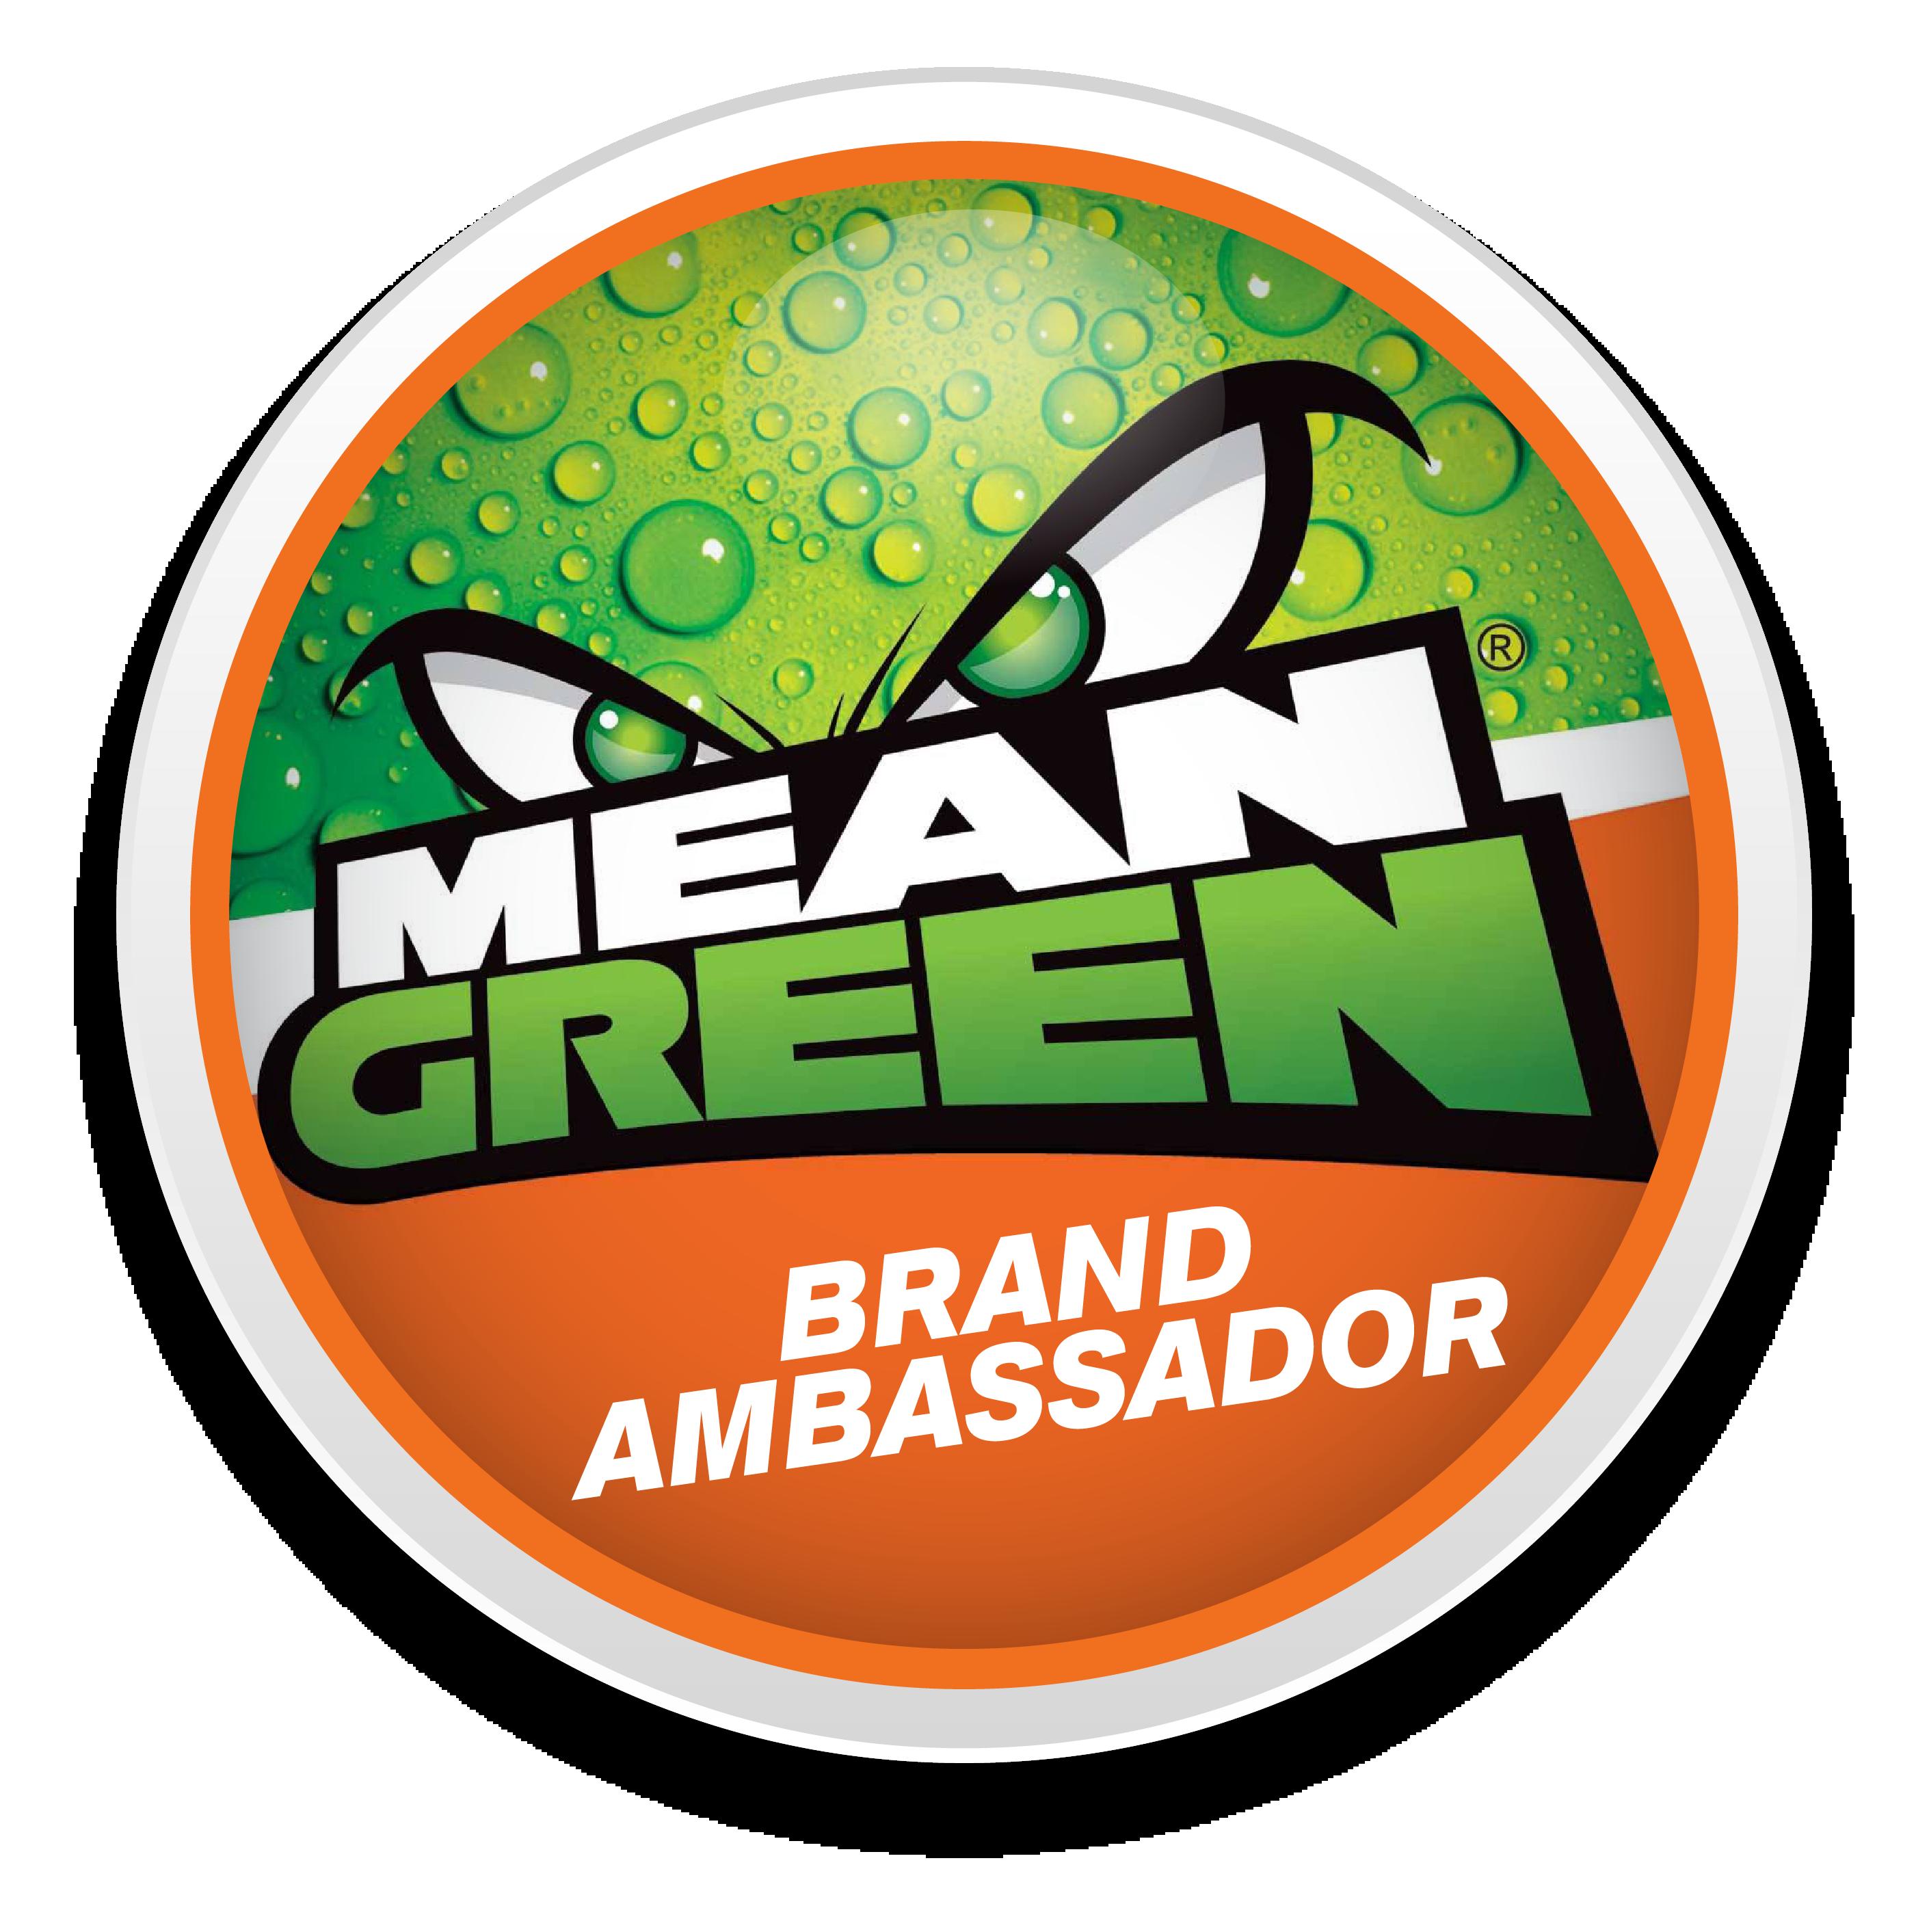 Mean Green Brand Ambassador